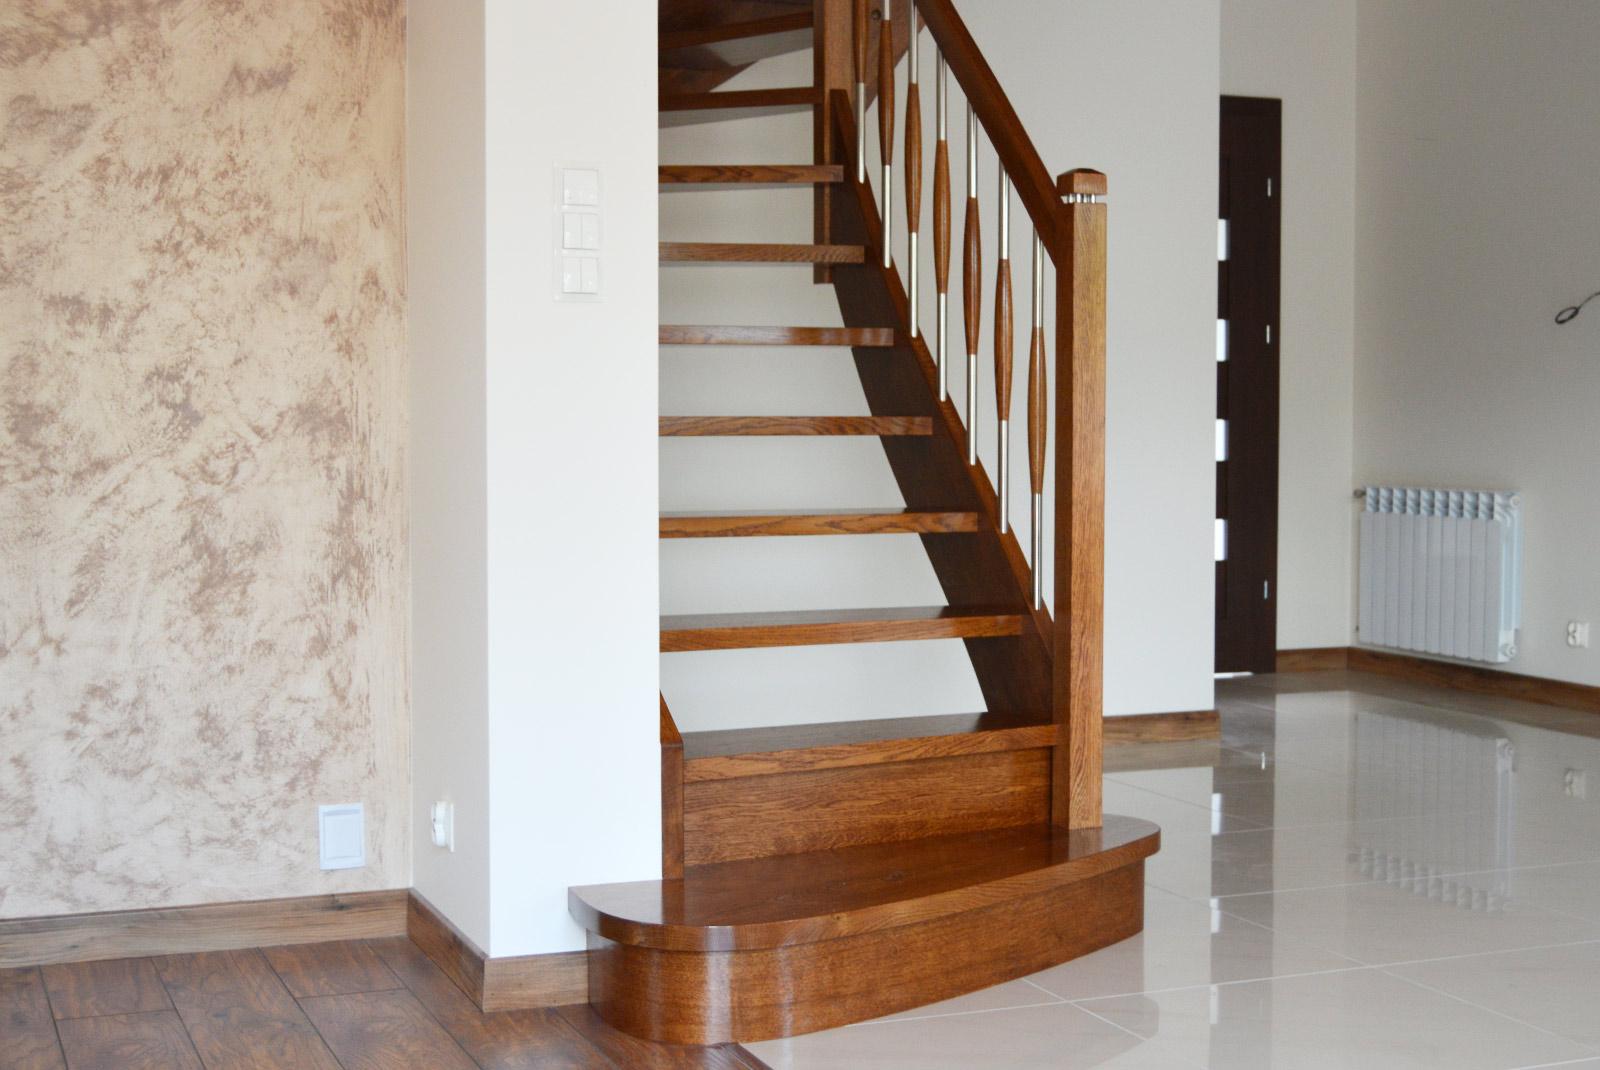 schody slajd 03